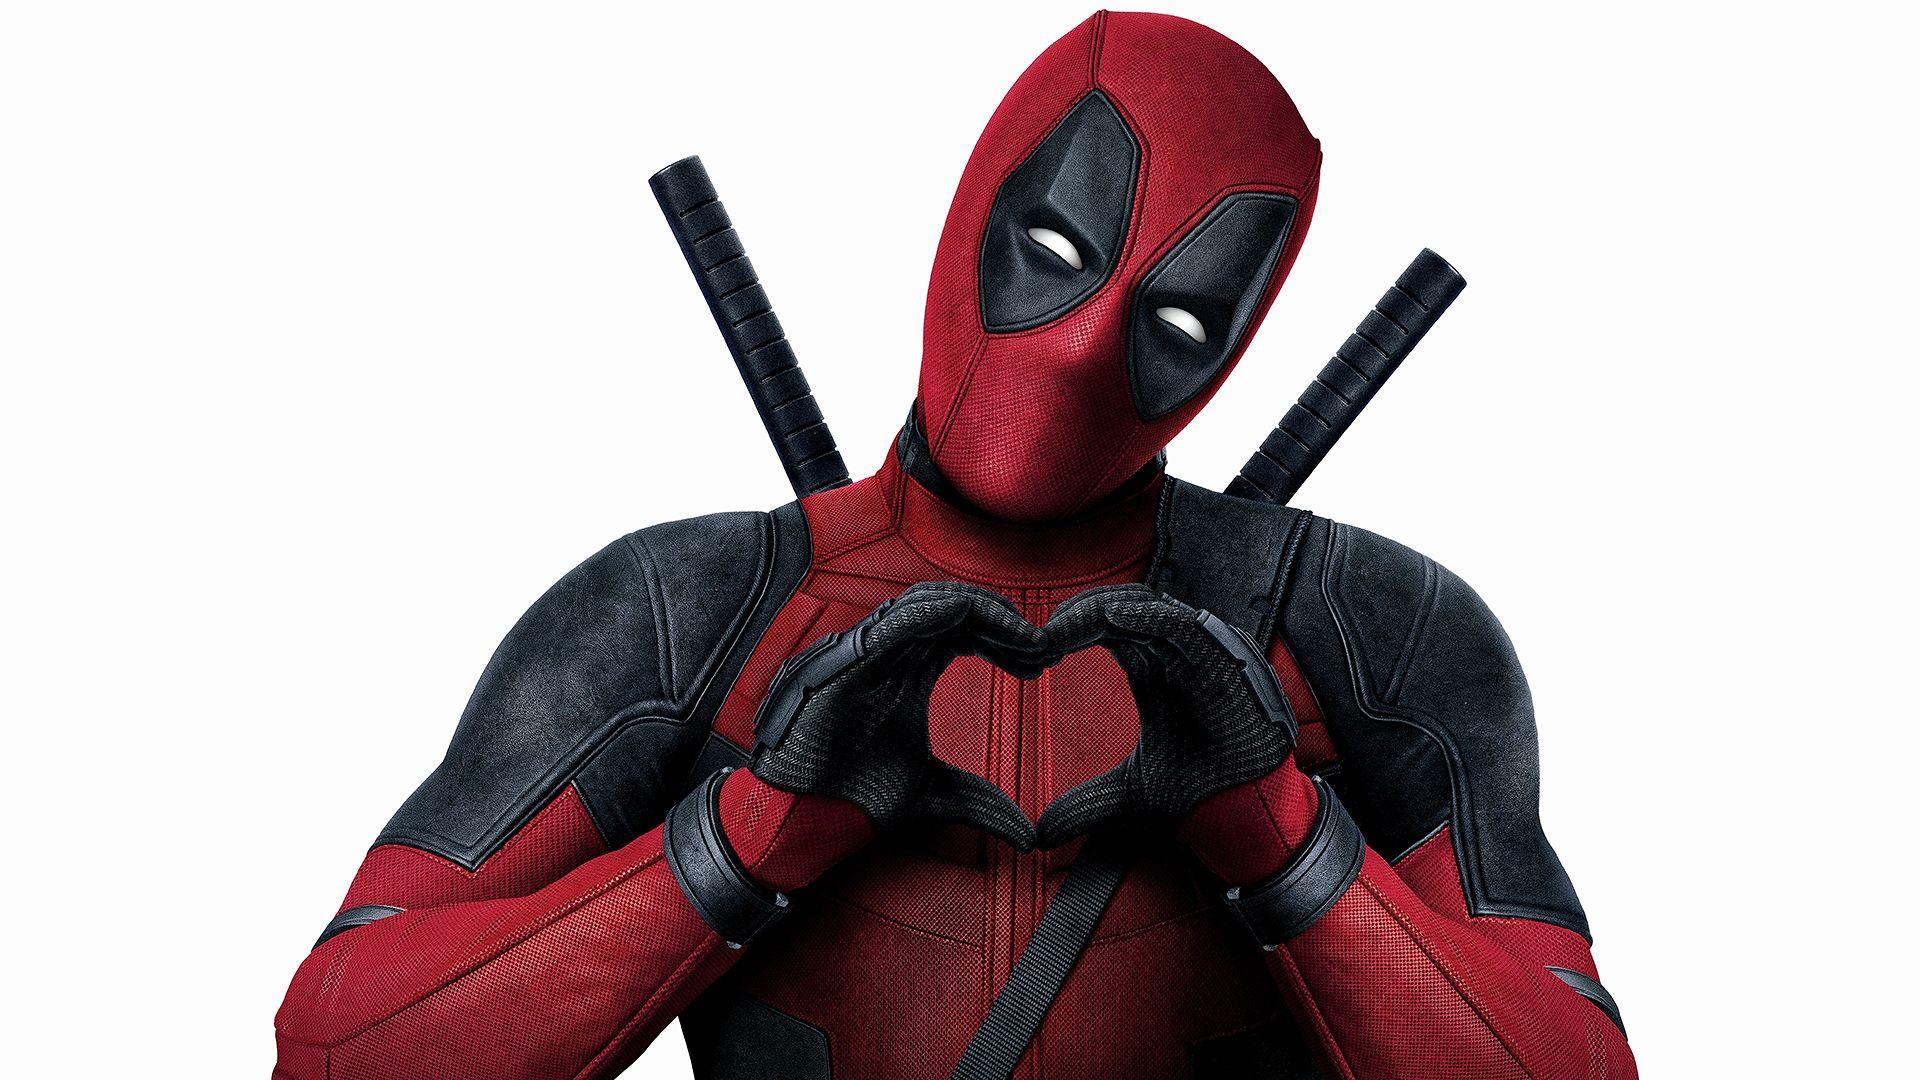 Classificação de Deadpool 2 é alterada para 16 anos no Brasil